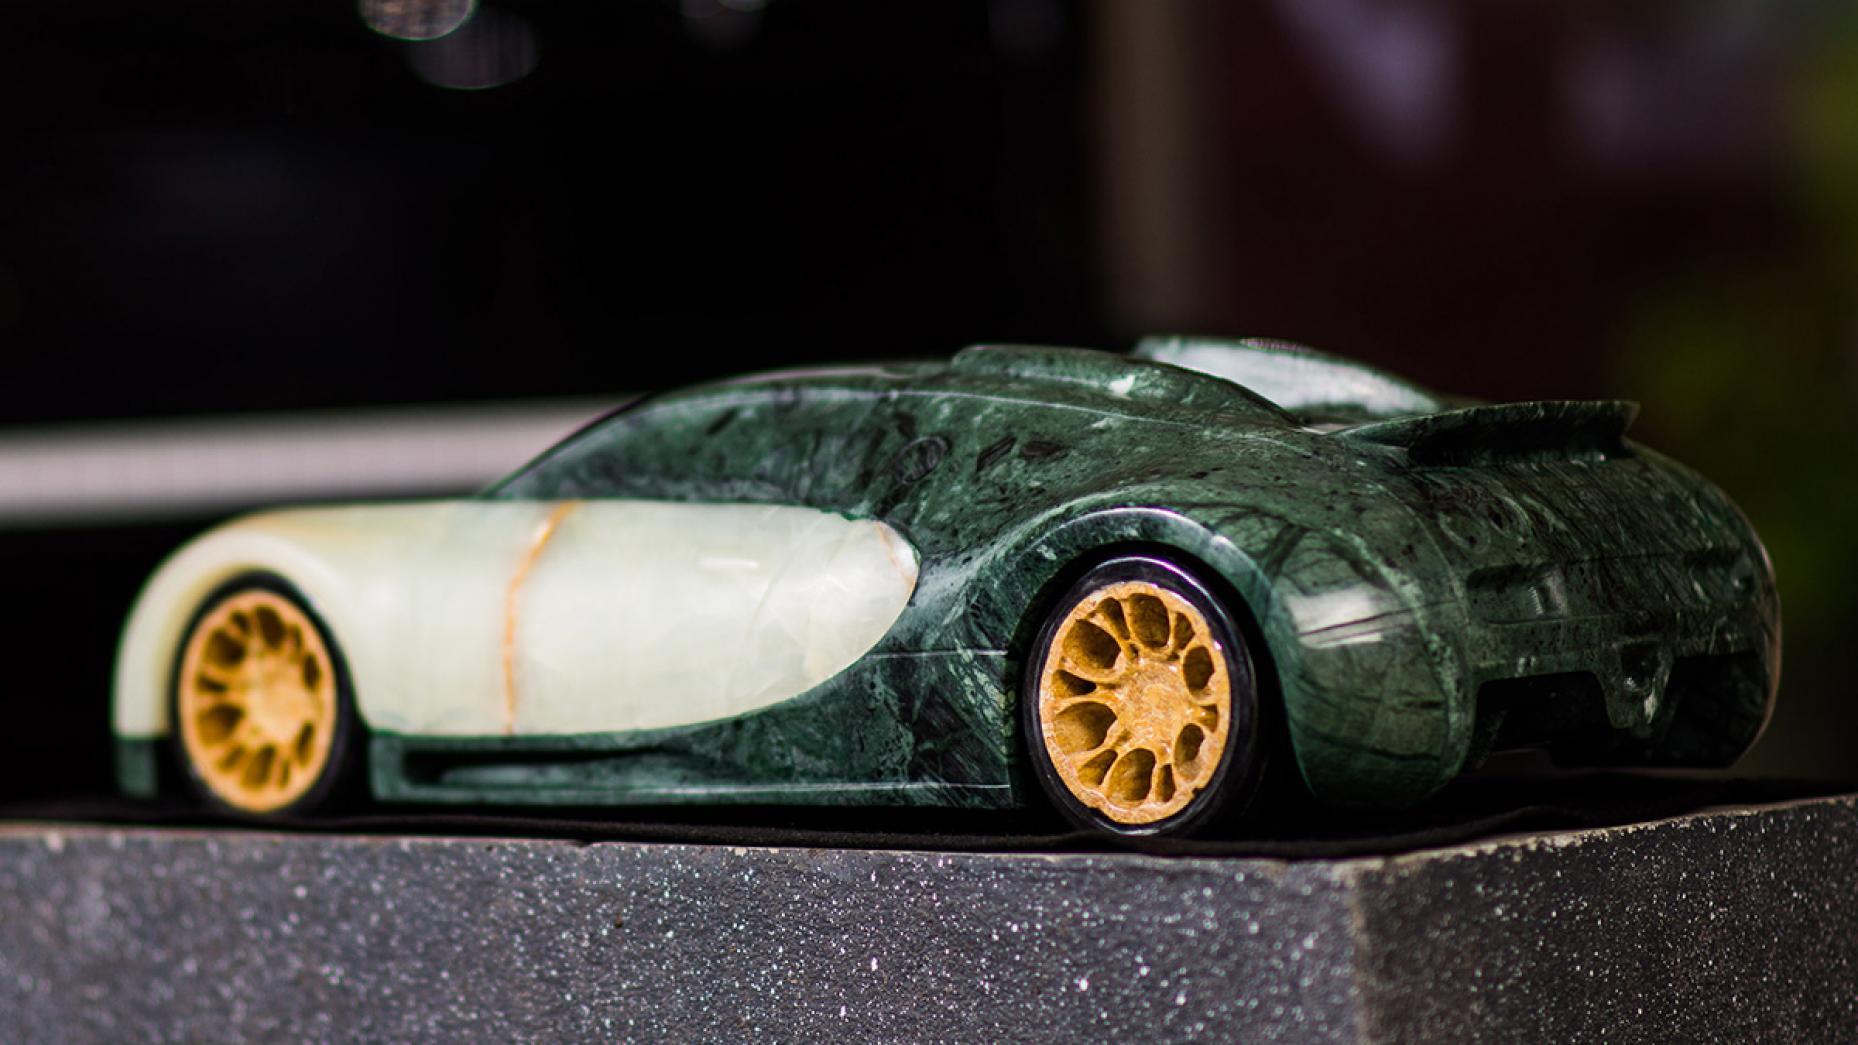 Marbleous auto 39 s van marmer topgear - Type marmer met foto ...